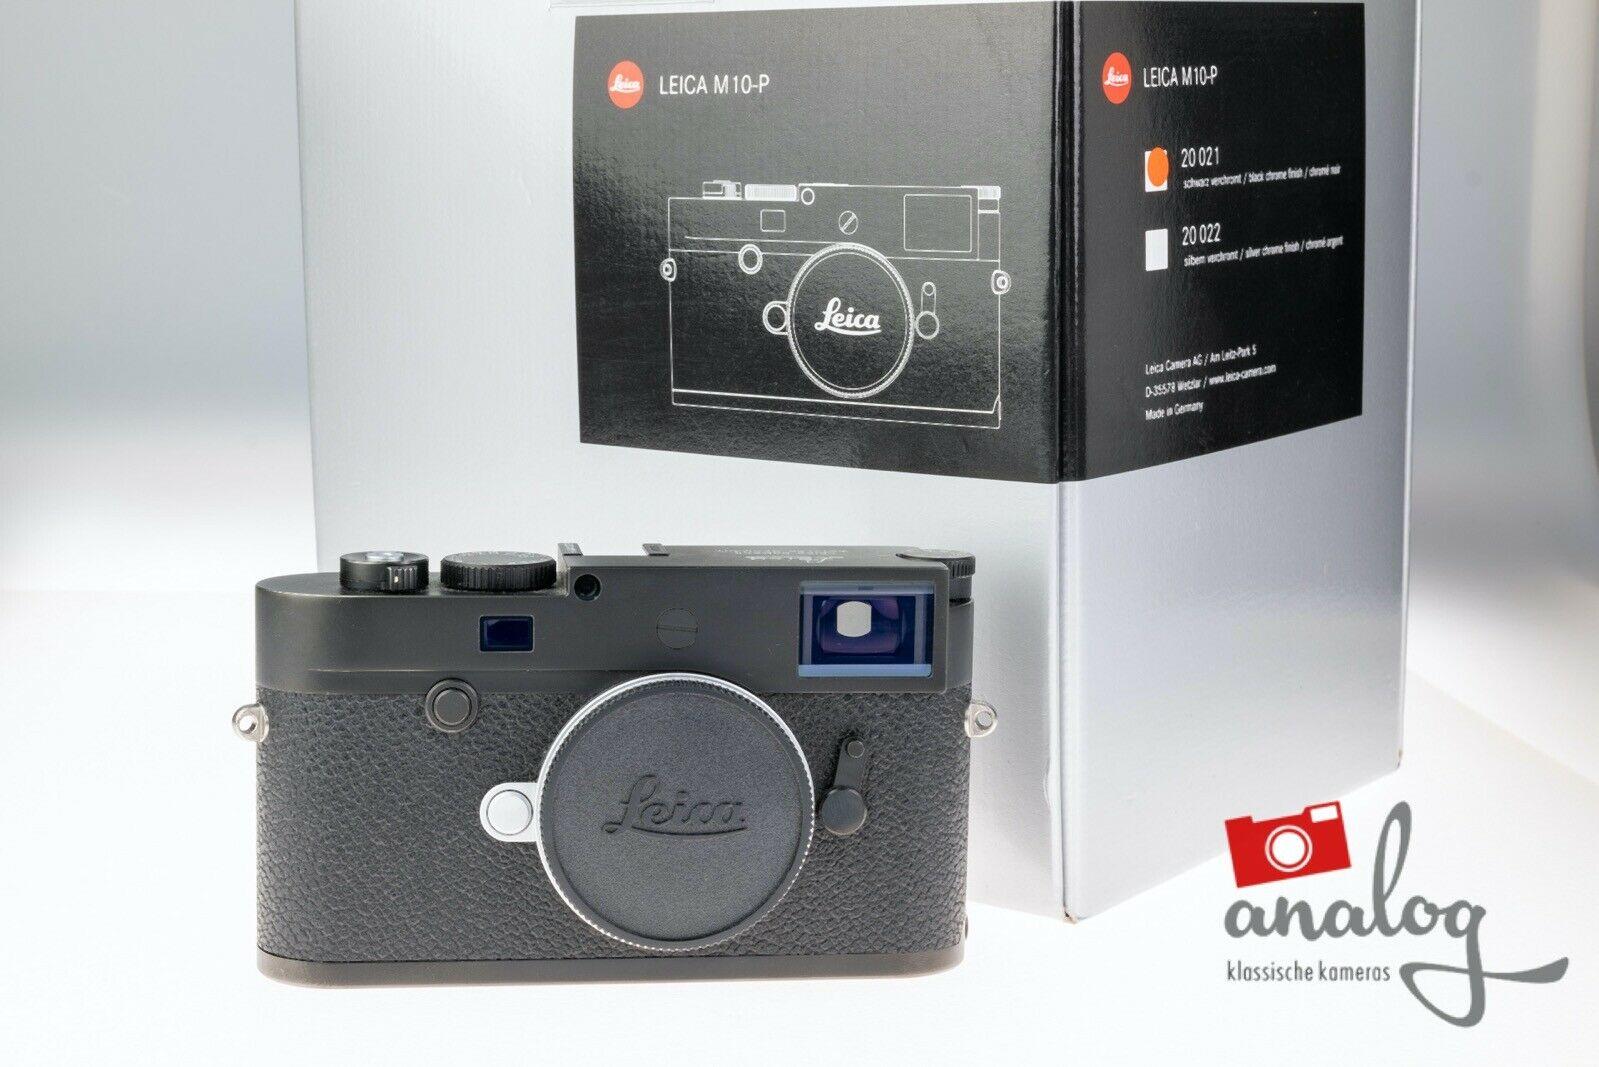 Leica M10-P schwarz Typ 20021